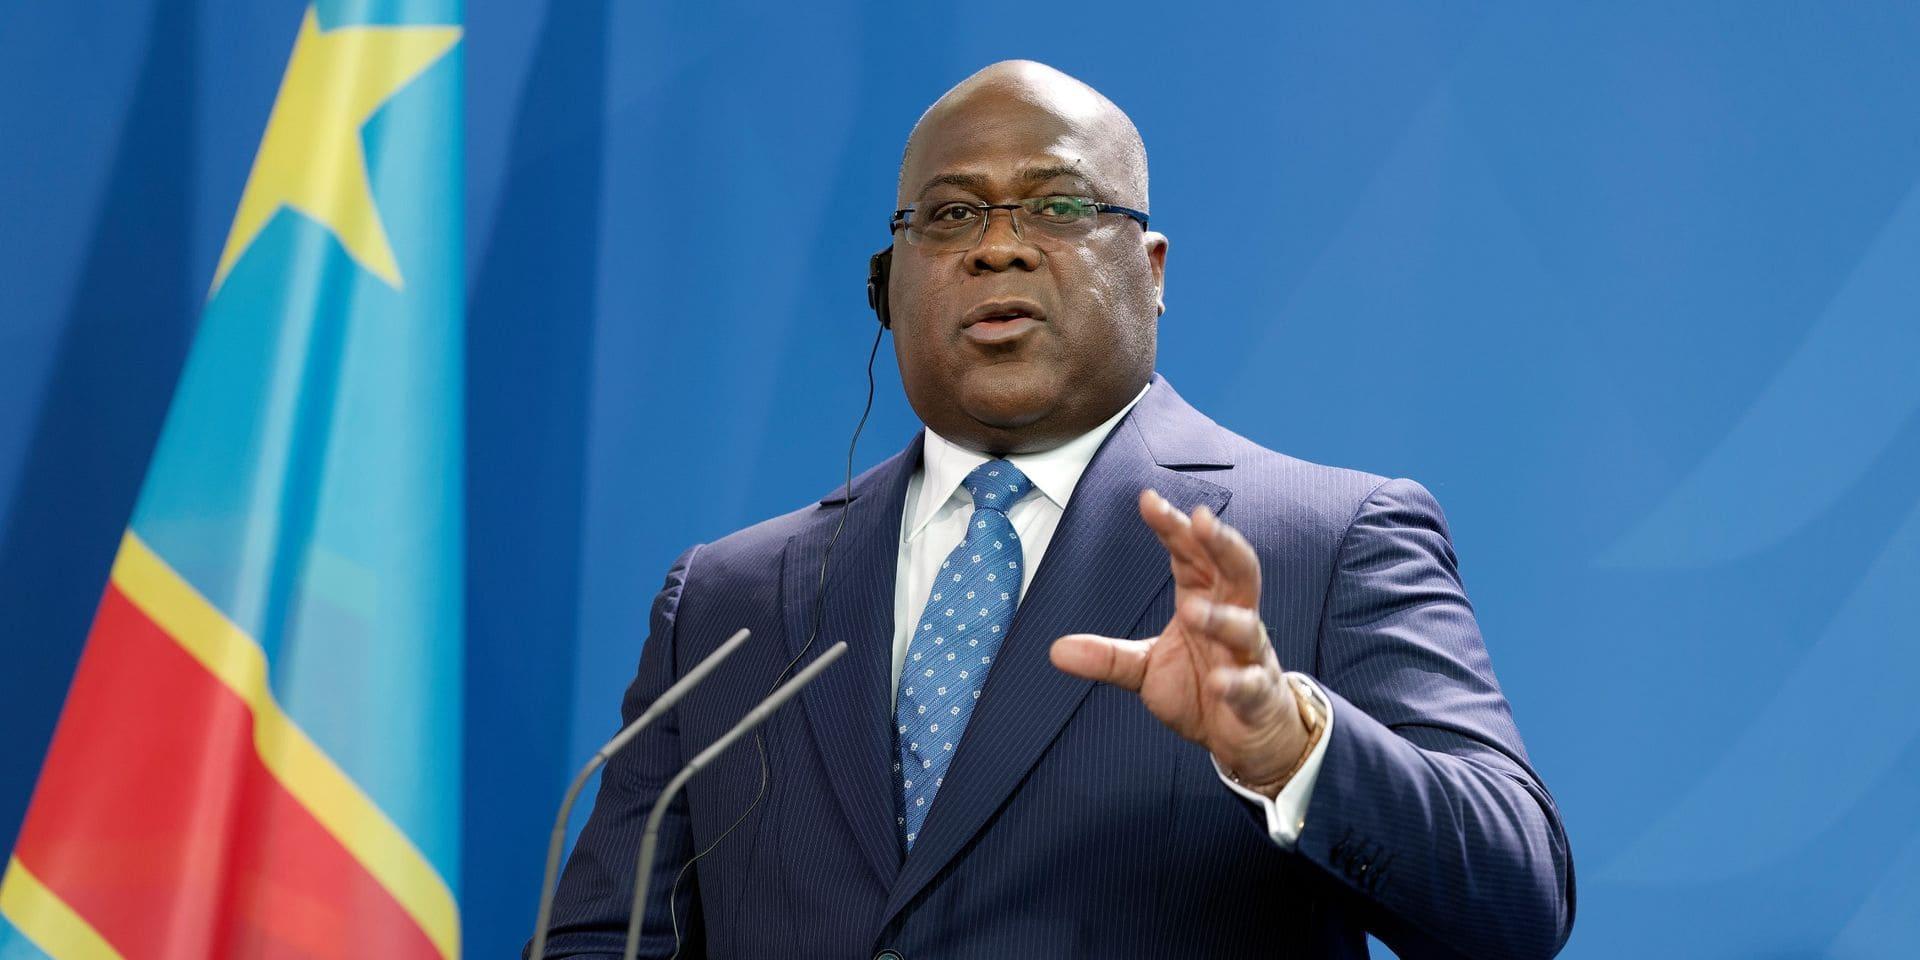 Une attaque sécessionniste en République démocratique du Congo ?